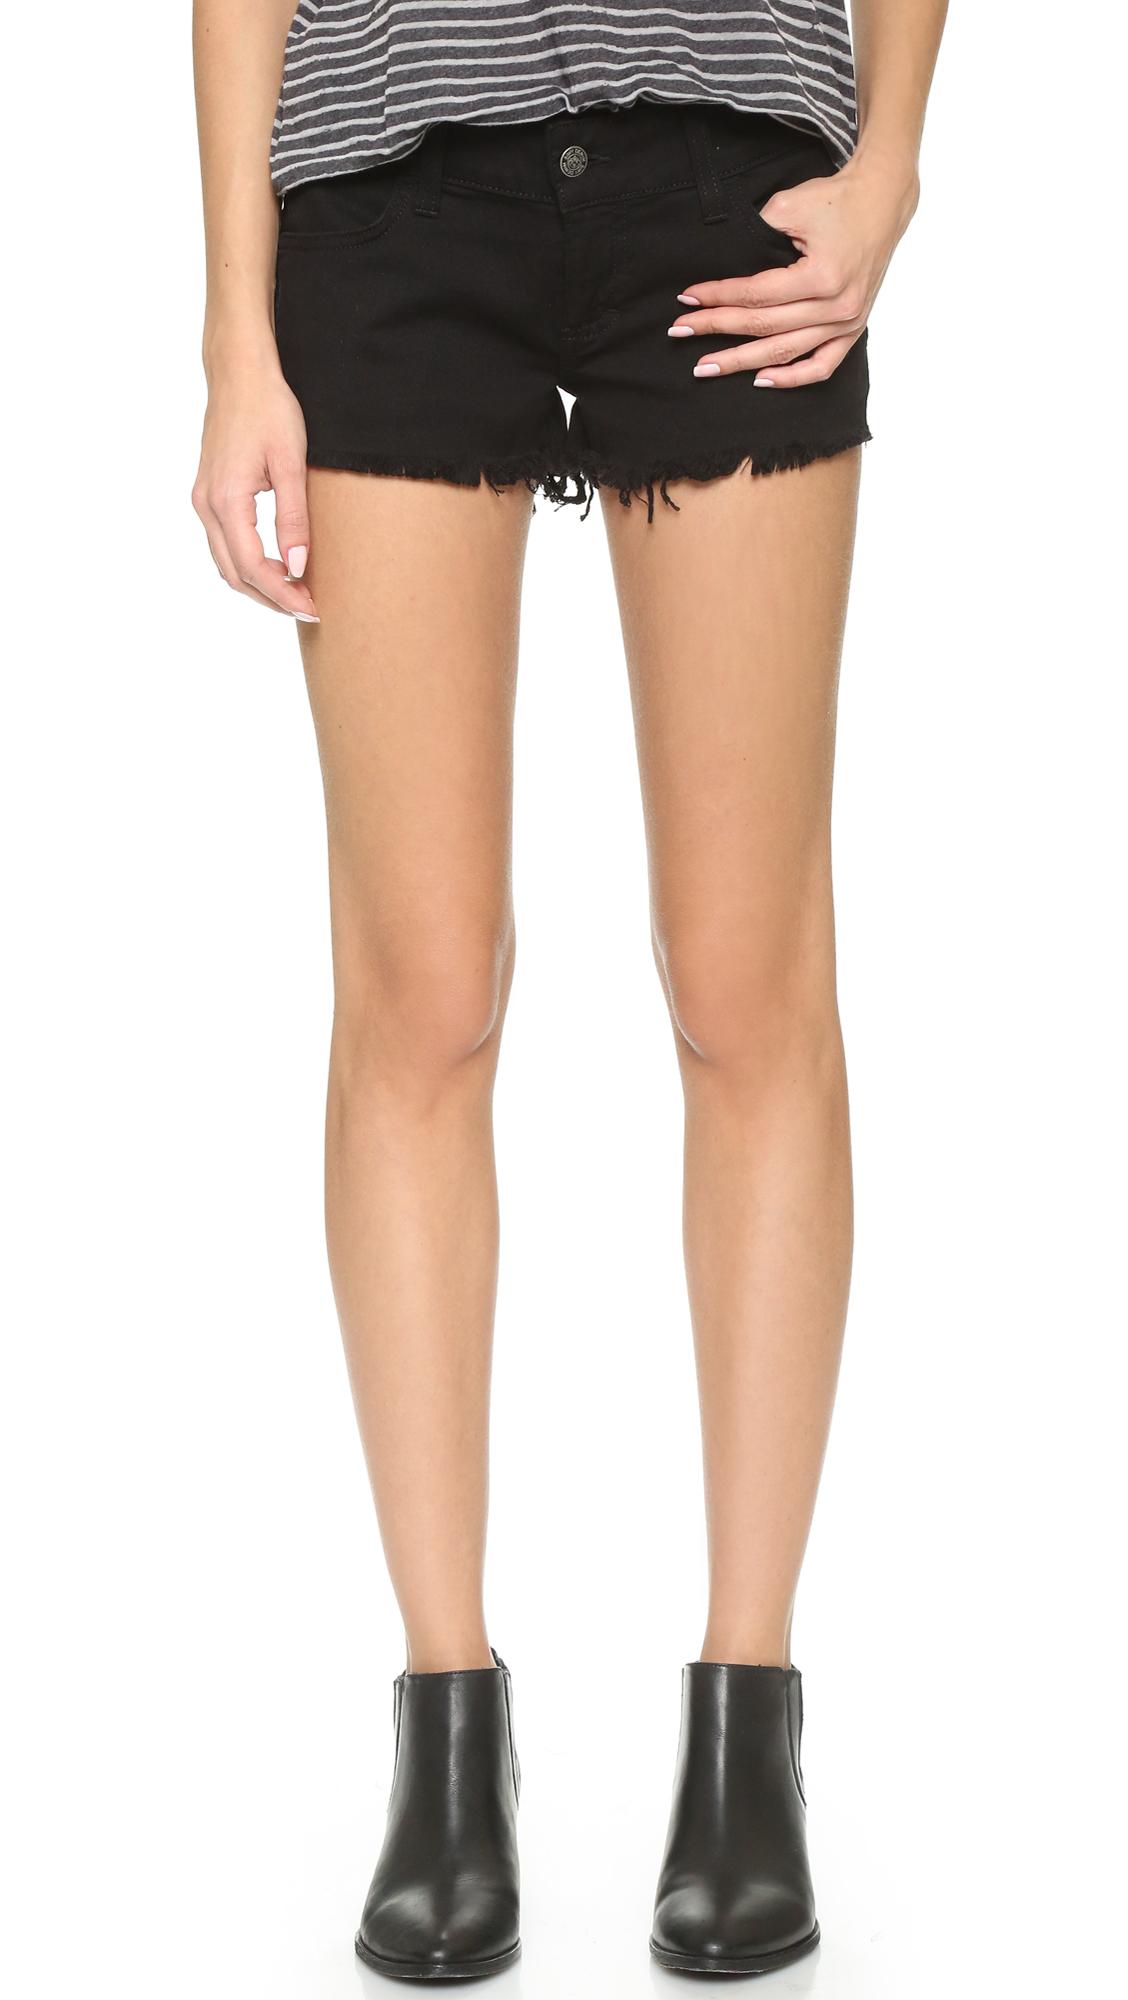 Siwy Camilla Cutoff Shorts - ItS Magic